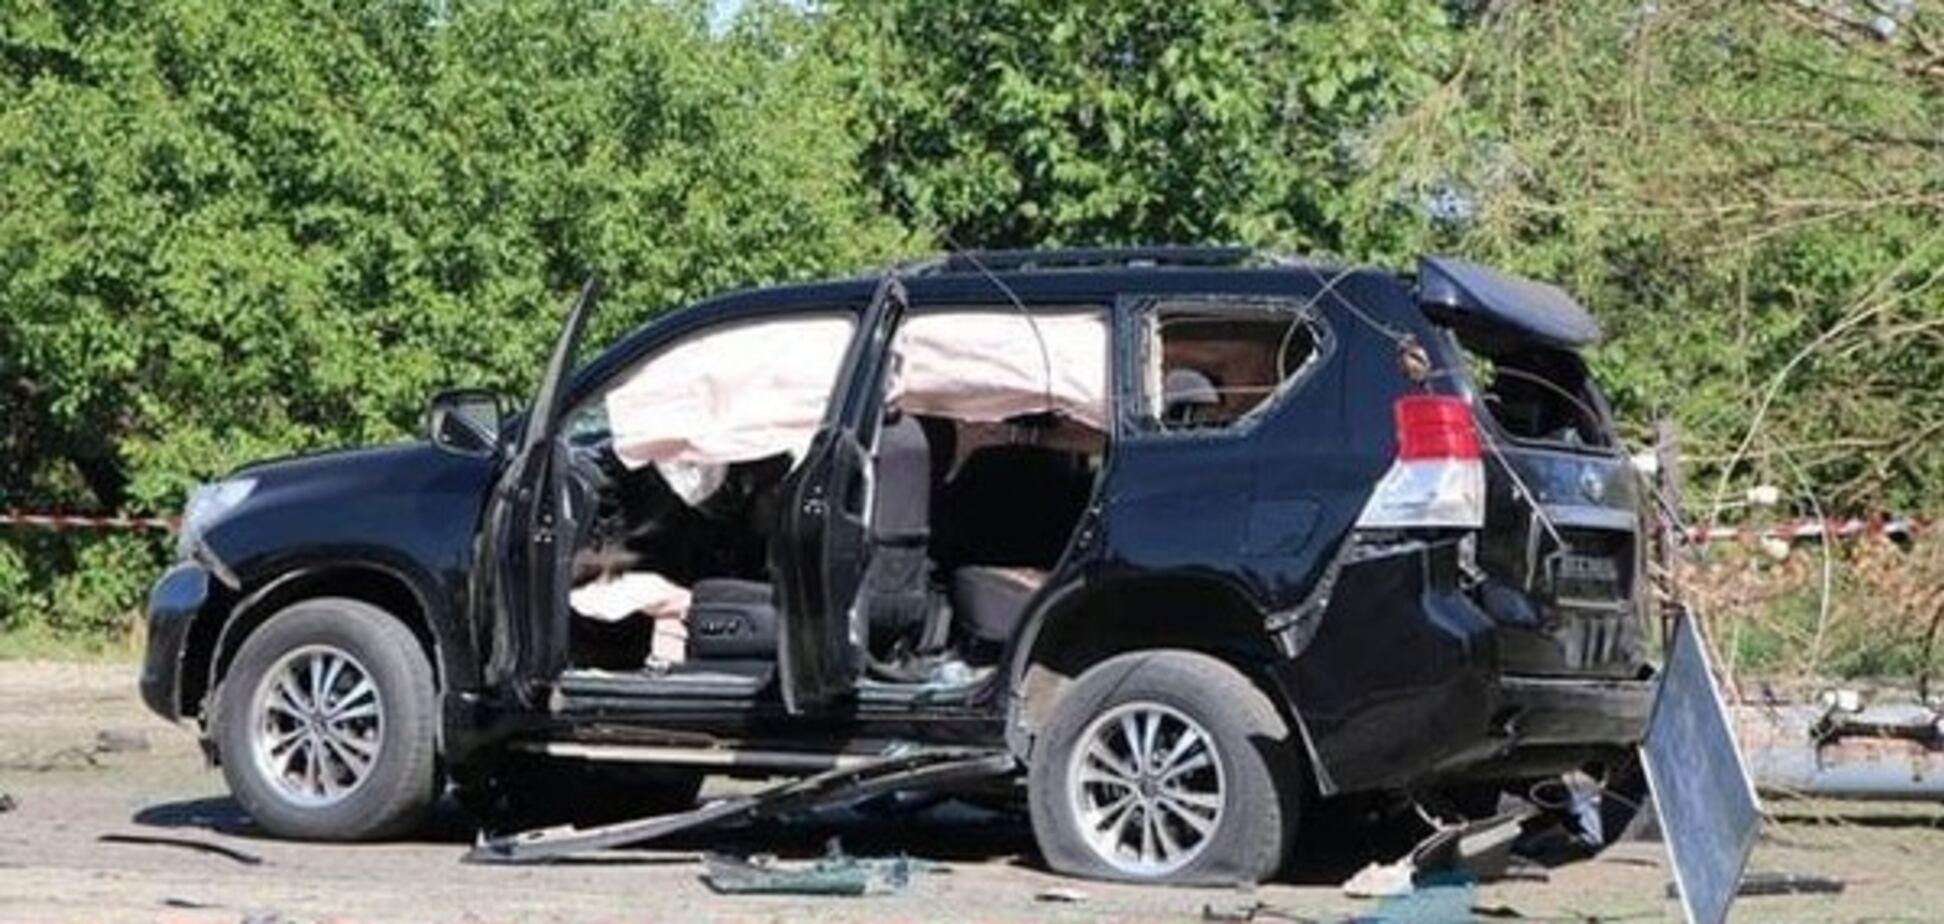 Плотницкий - все? Разведка сообщила о несовместимых с жизнью ранениях главаря 'ЛНР'